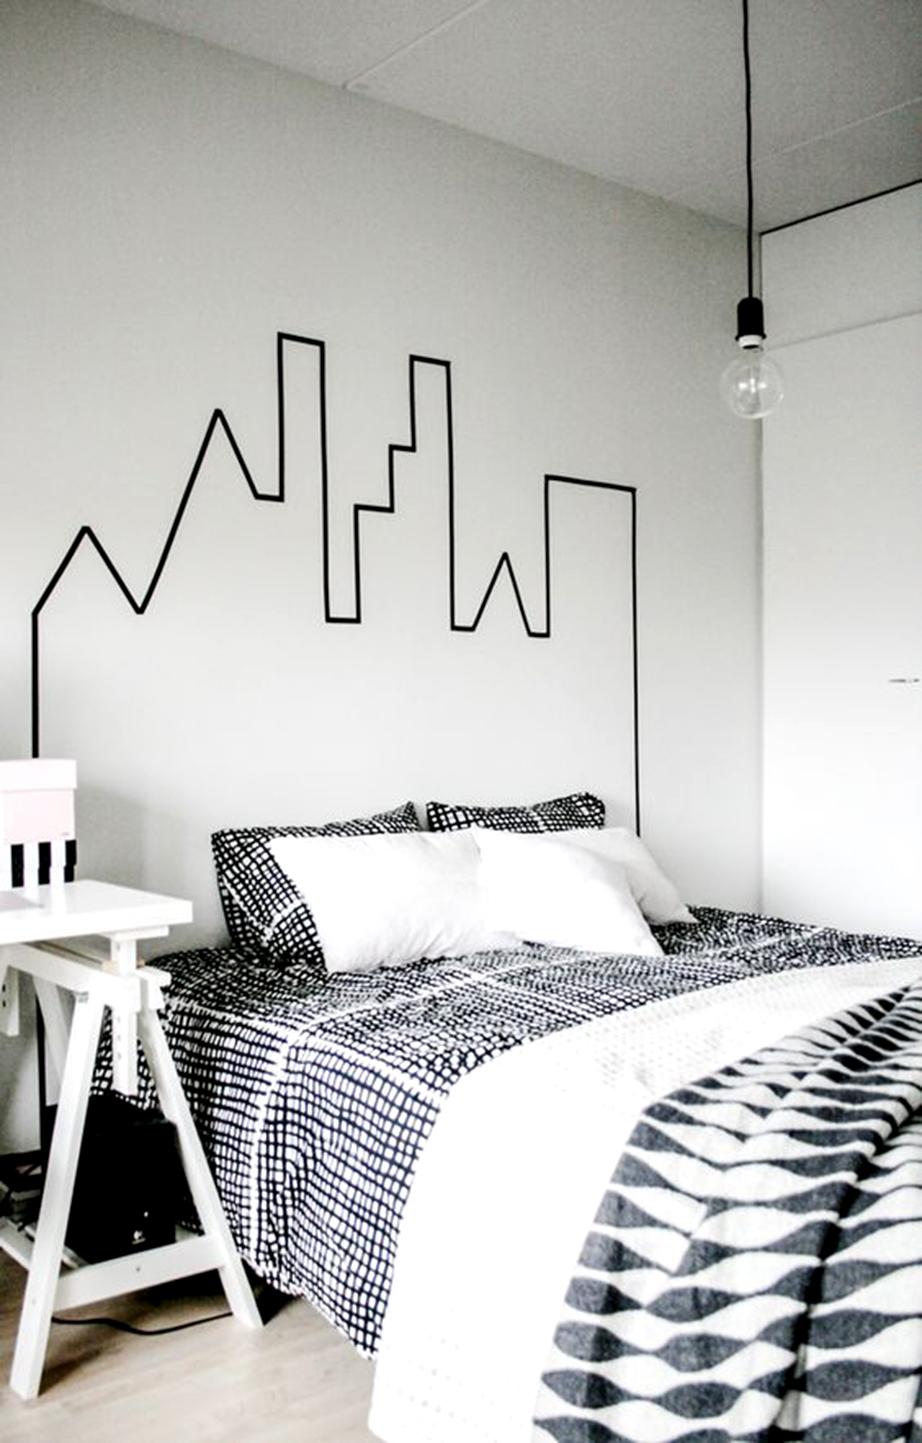 Δημιουργήστε το γεωμετρικό περίγραμμα μιας πόλης στον τοίχο πίσω και πάνω από το κρεβάτι σας.